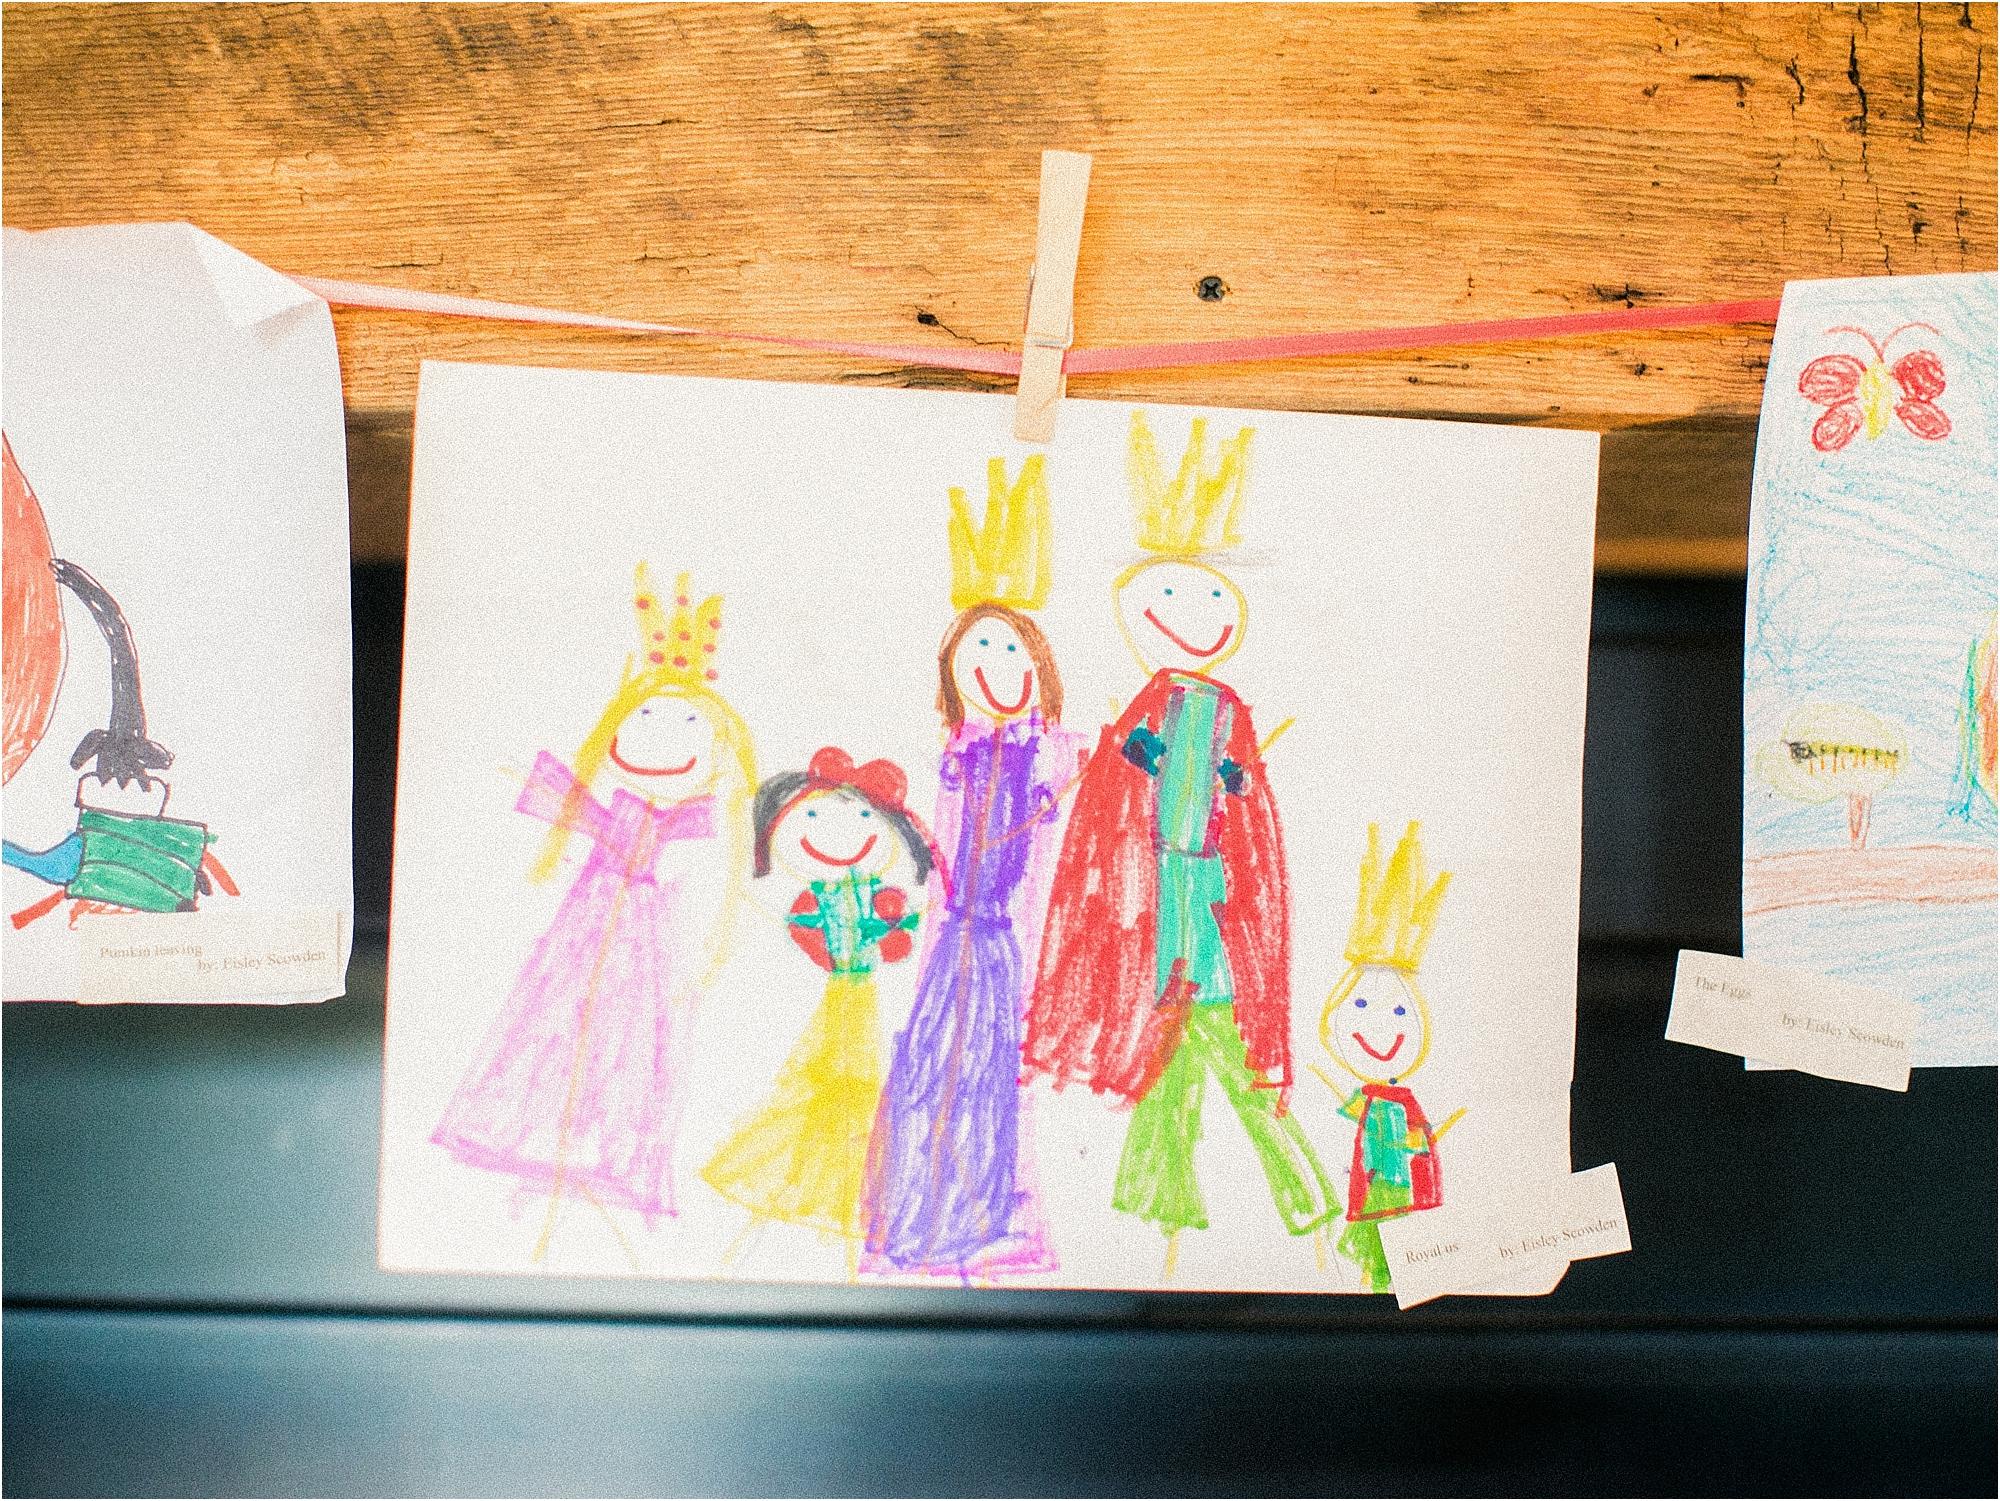 Art show for kids by Jordan Brittley Photography (www.jordanbrittley.com)